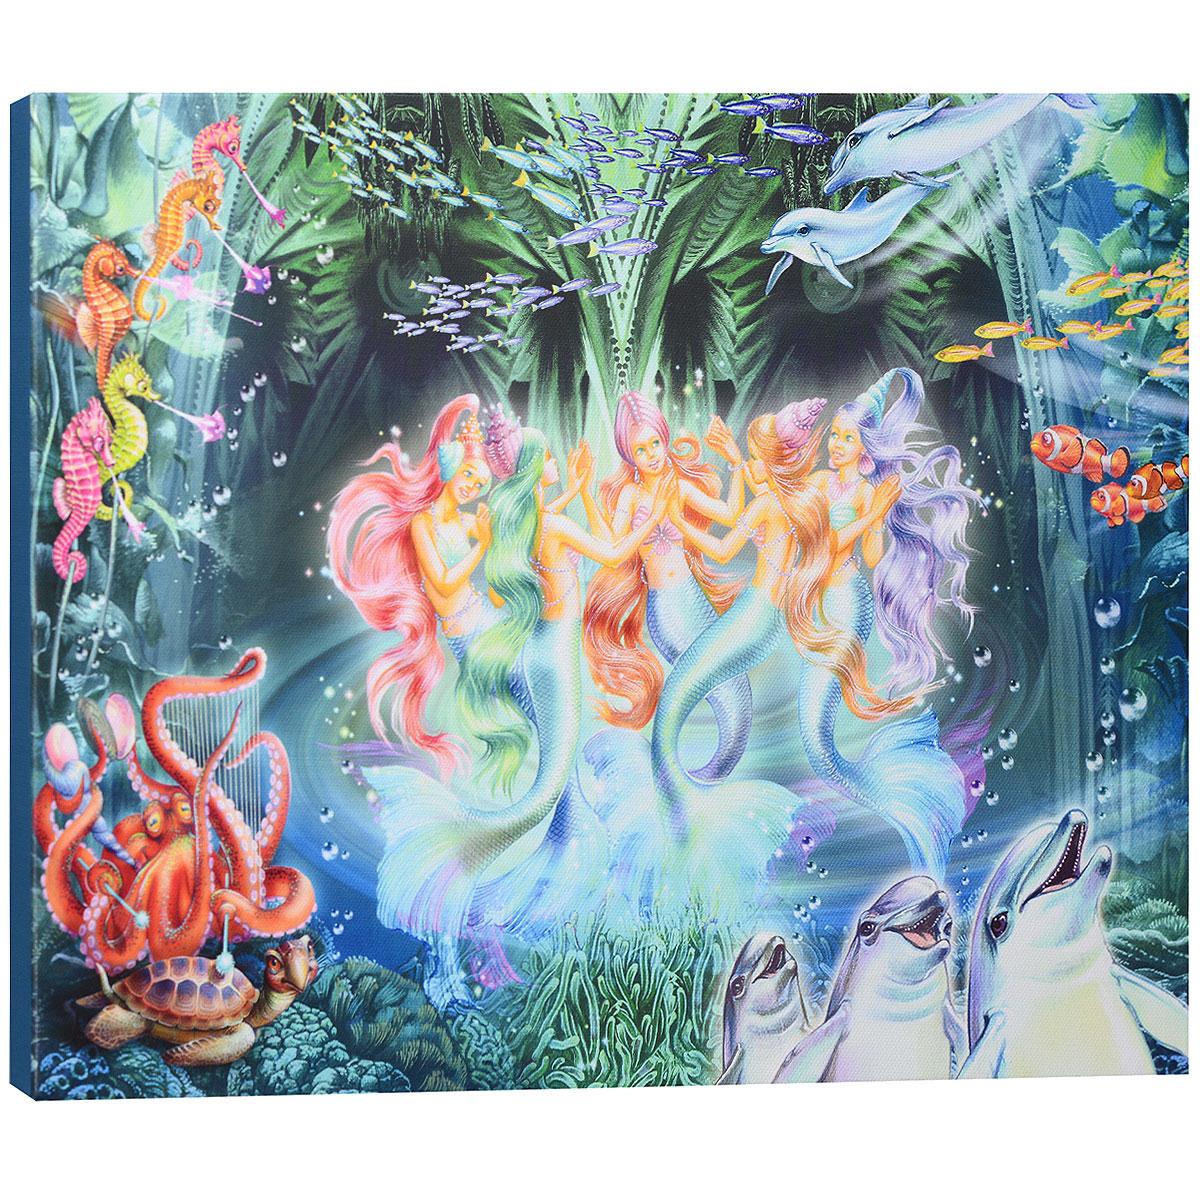 """Картина на холсте КвикДекор """"Танцующие русалки"""" автора Зорина Балдеску дополнит обстановку интерьера яркими красками и необычным оформлением. Изделие представляет собой картину с латексной печатью на натуральном хлопчатобумажном холсте. Галерейная натяжка холста на подрамники выполнена очень аккуратно, а боковые части картины запечатаны тоновой заливкой. Обратная сторона подрамника содержит отверстие, благодаря которому картину можно легко закрепить на стене и подкорректировать ее положение. Автор картины специализируется на создании восхитительных сказочных образов - русалок, принцесс, фей, единорогов и многих других. Сказки, иллюстрированные Зориной, - особый, волшебный и очаровательный мир, подаренный нам художницей посредством ее искусства и неисчерпаемой фантазии. Картина """"Танцующие русалки"""" отлично подойдет к интерьеру не только детской комнаты, но и гостиной. Картина поставляется в стрейч-пленке с защитными картонными уголками, упакована в..."""